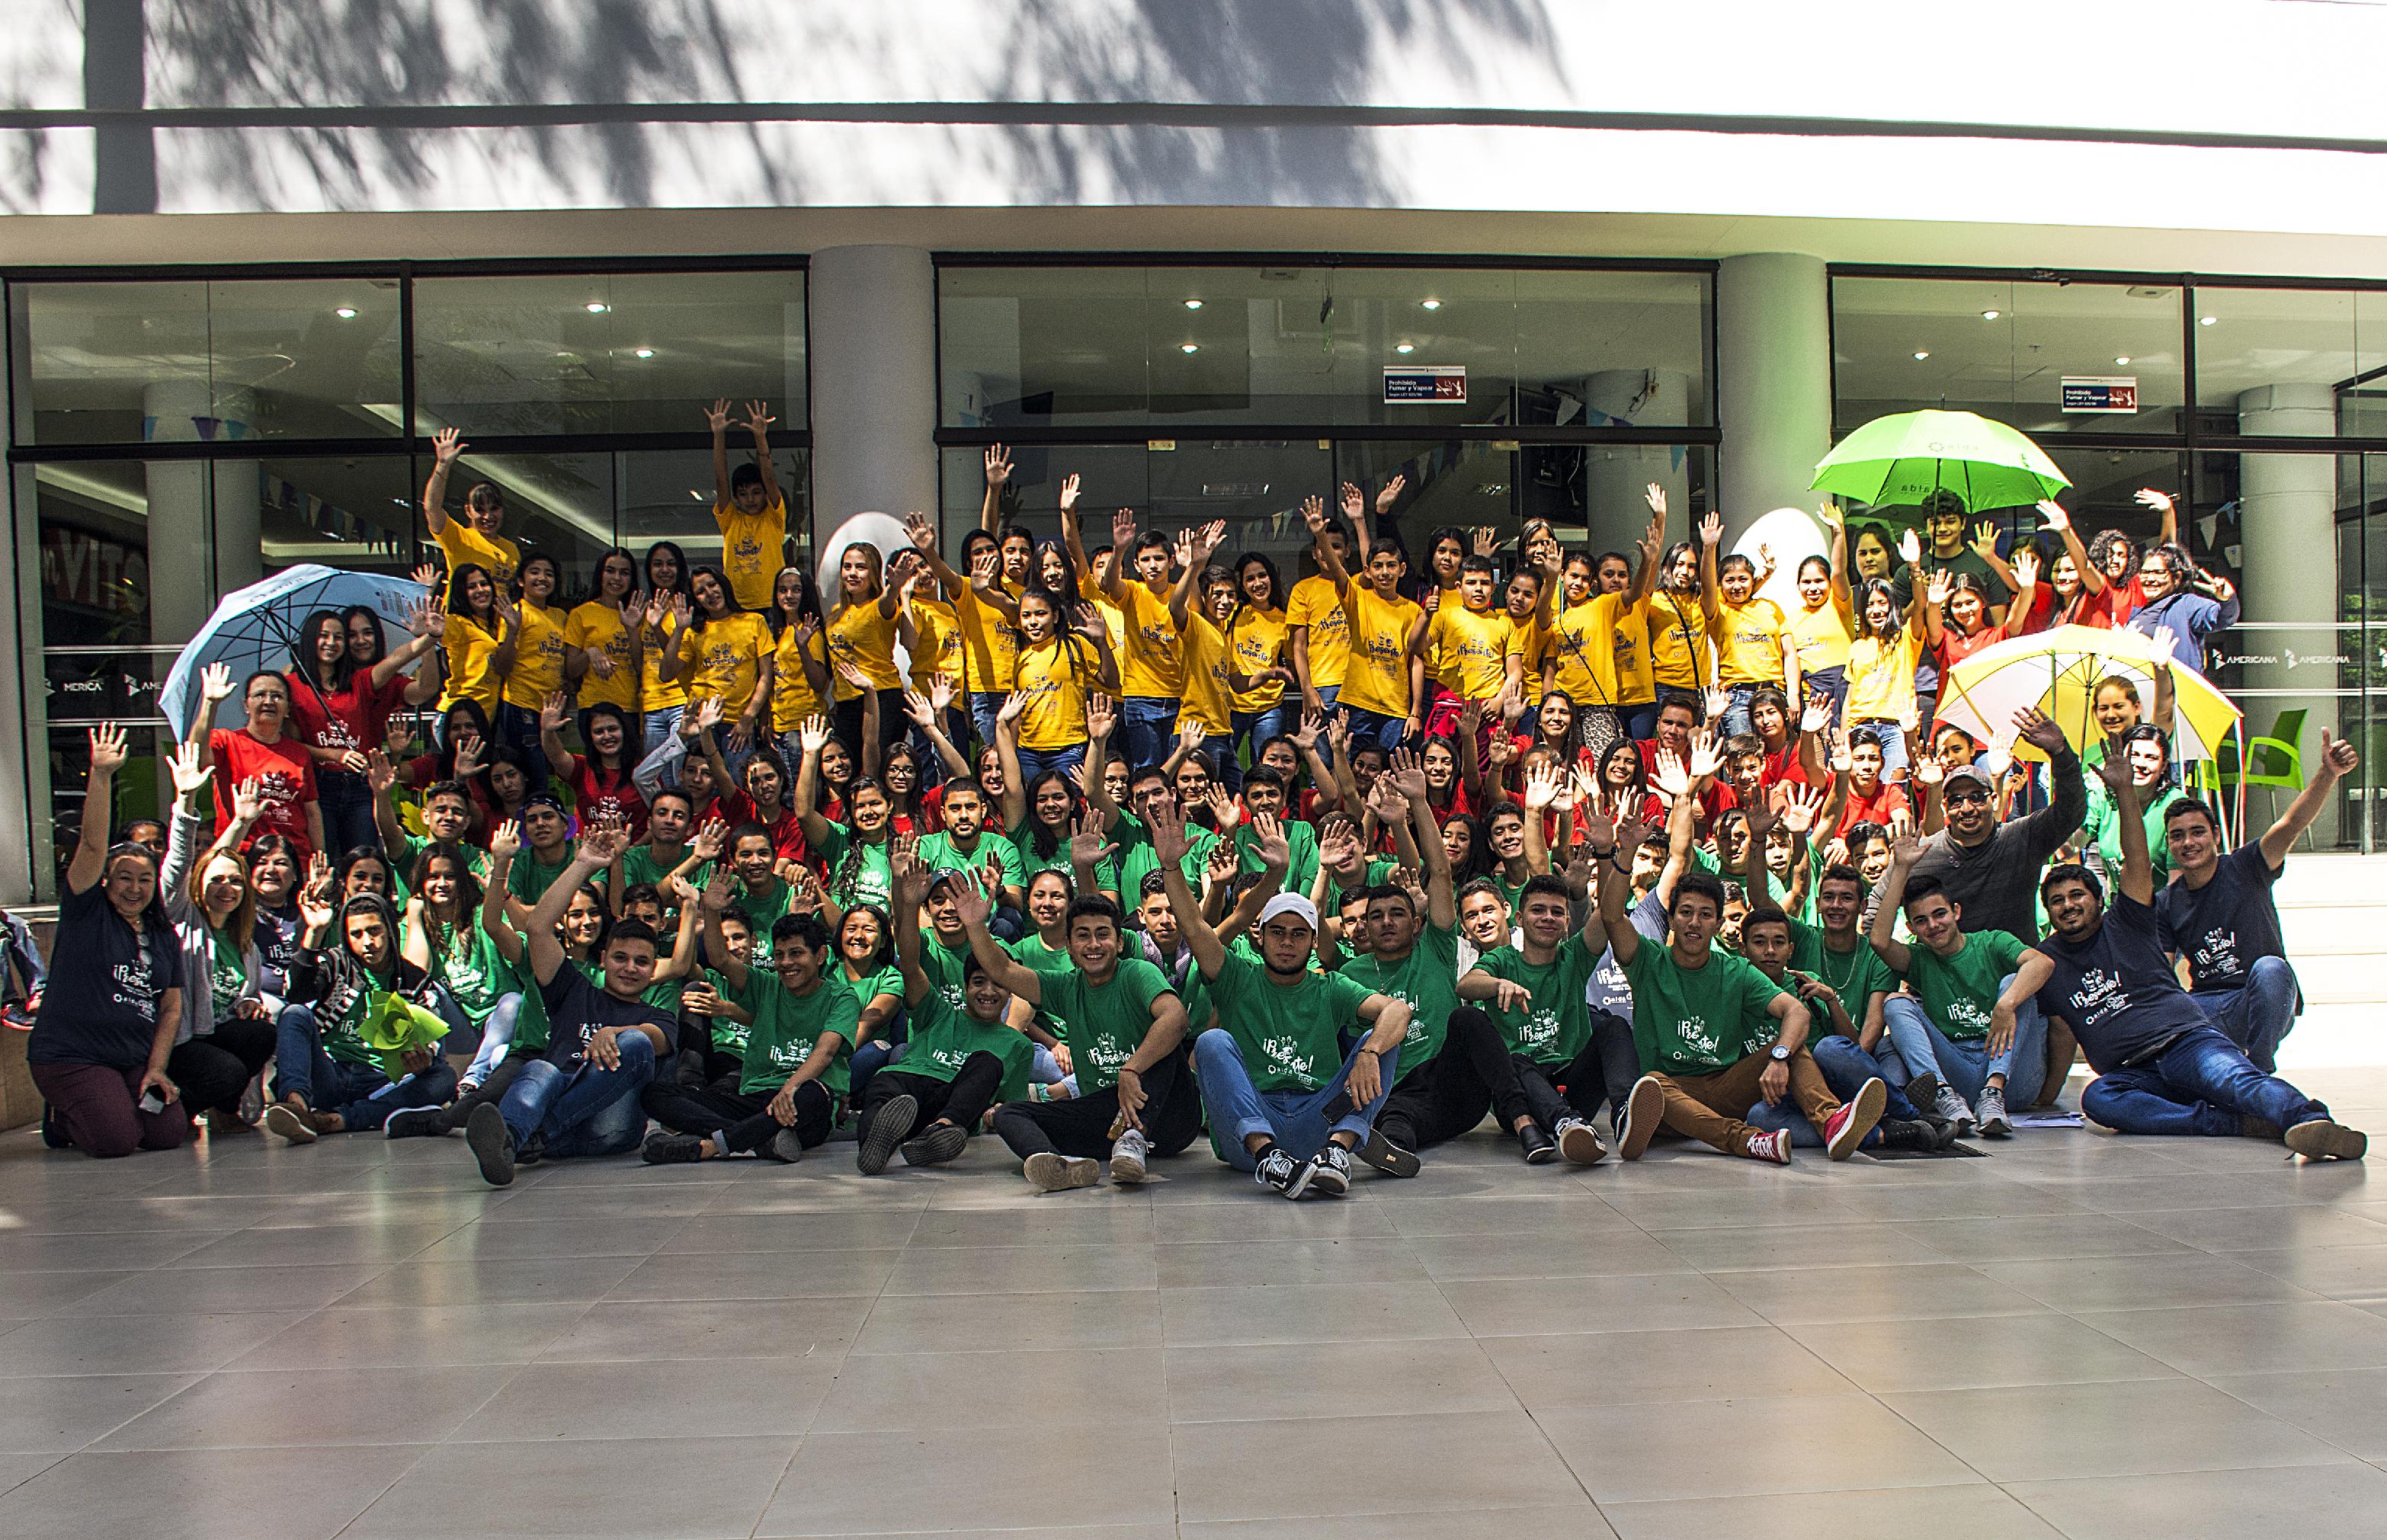 ¡PRESENTE! La juventud participando para el cambio